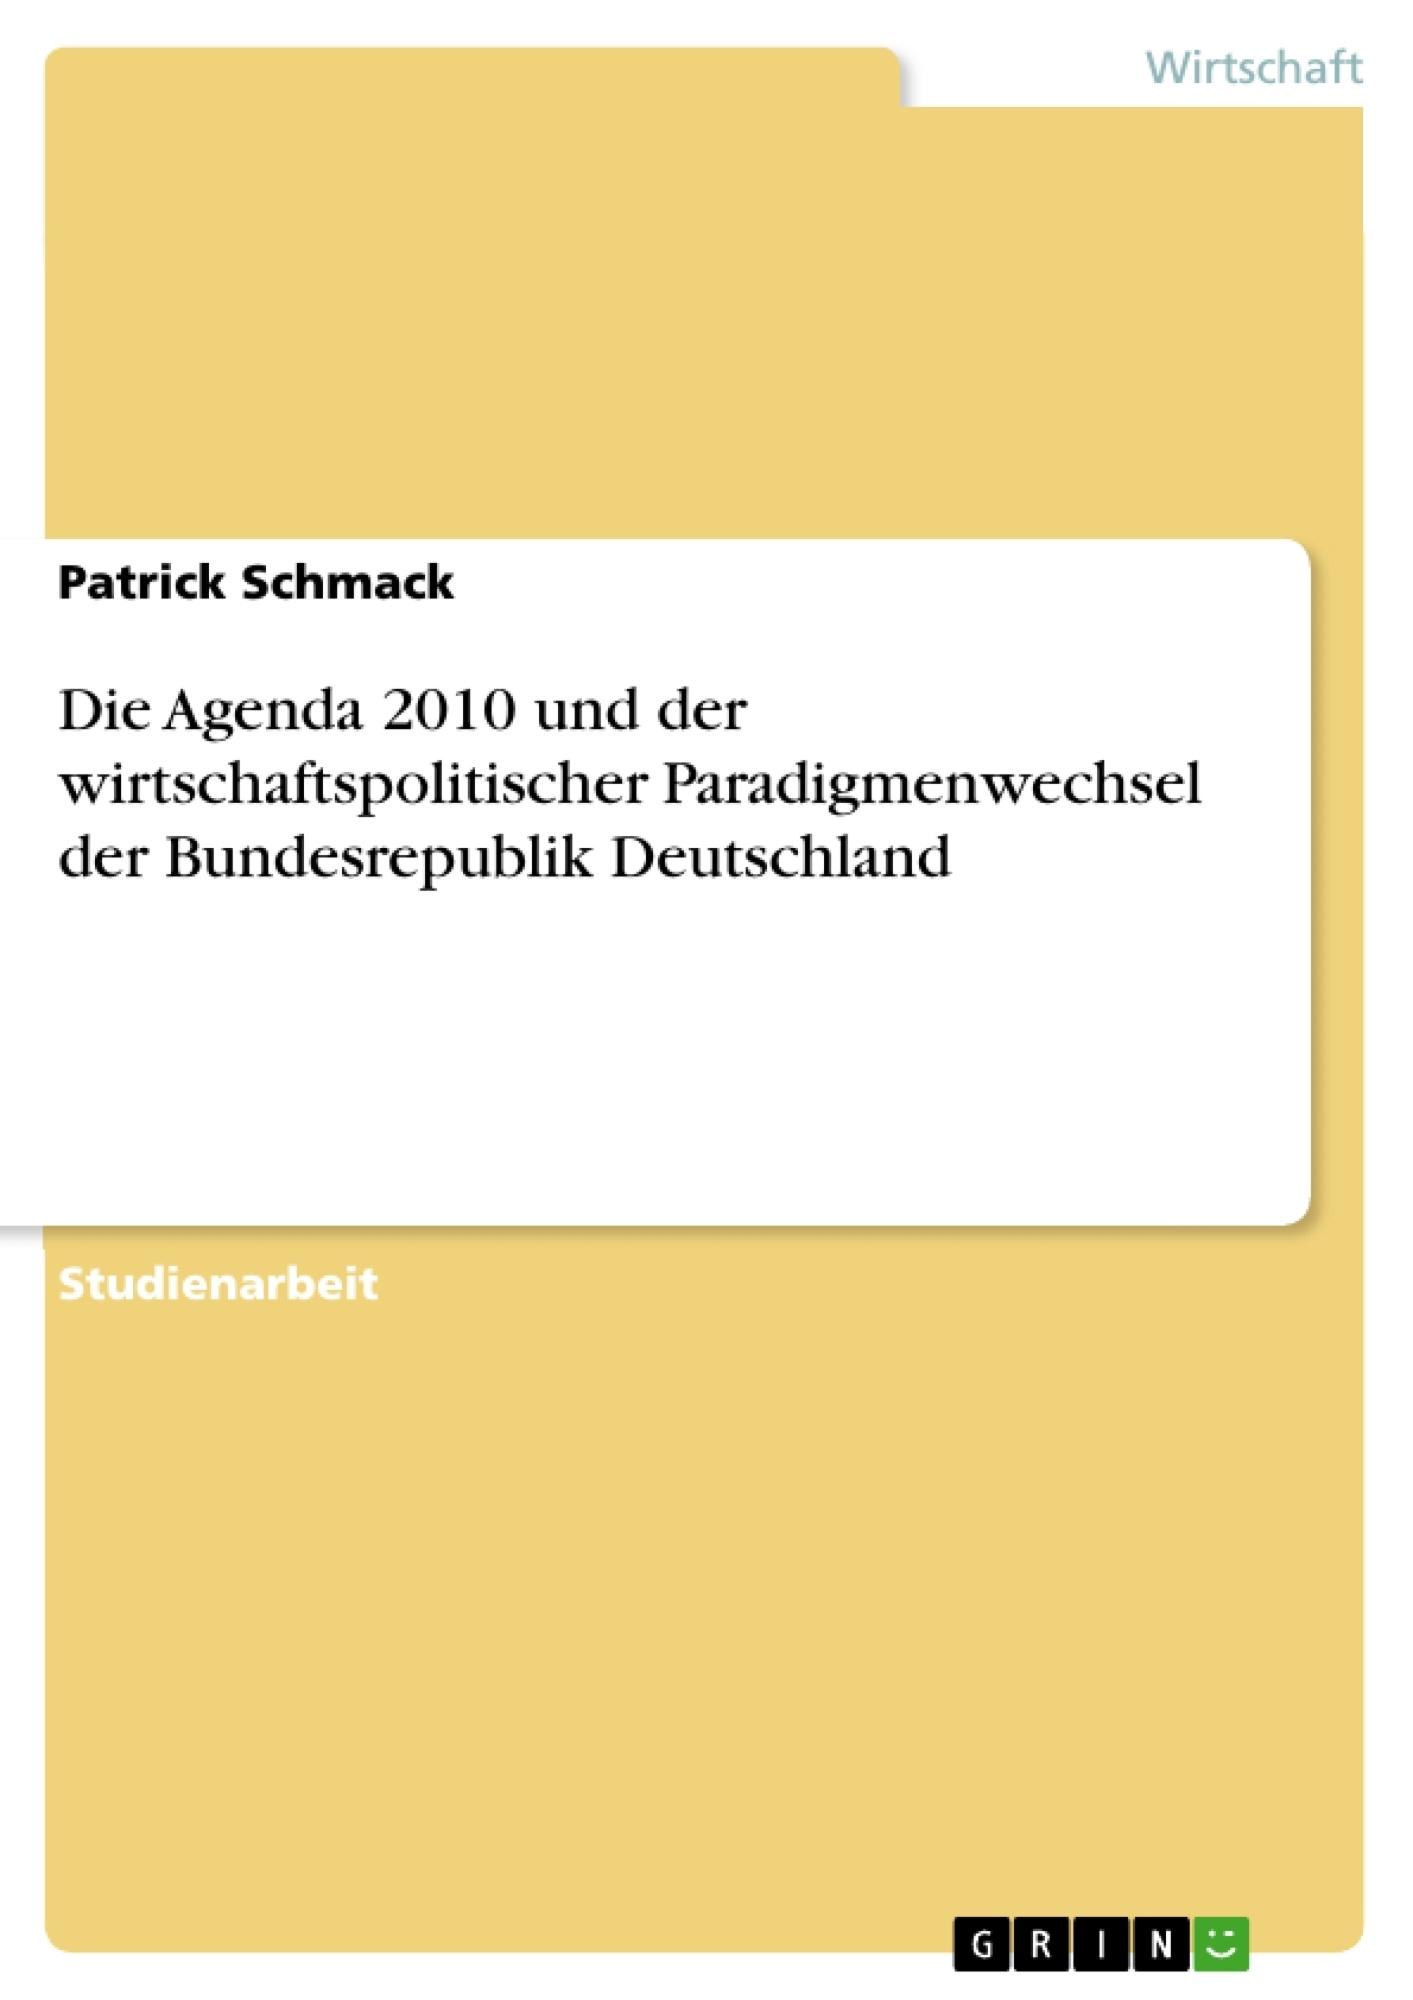 Titel: Die Agenda 2010 und der wirtschaftspolitischer Paradigmenwechsel der Bundesrepublik Deutschland